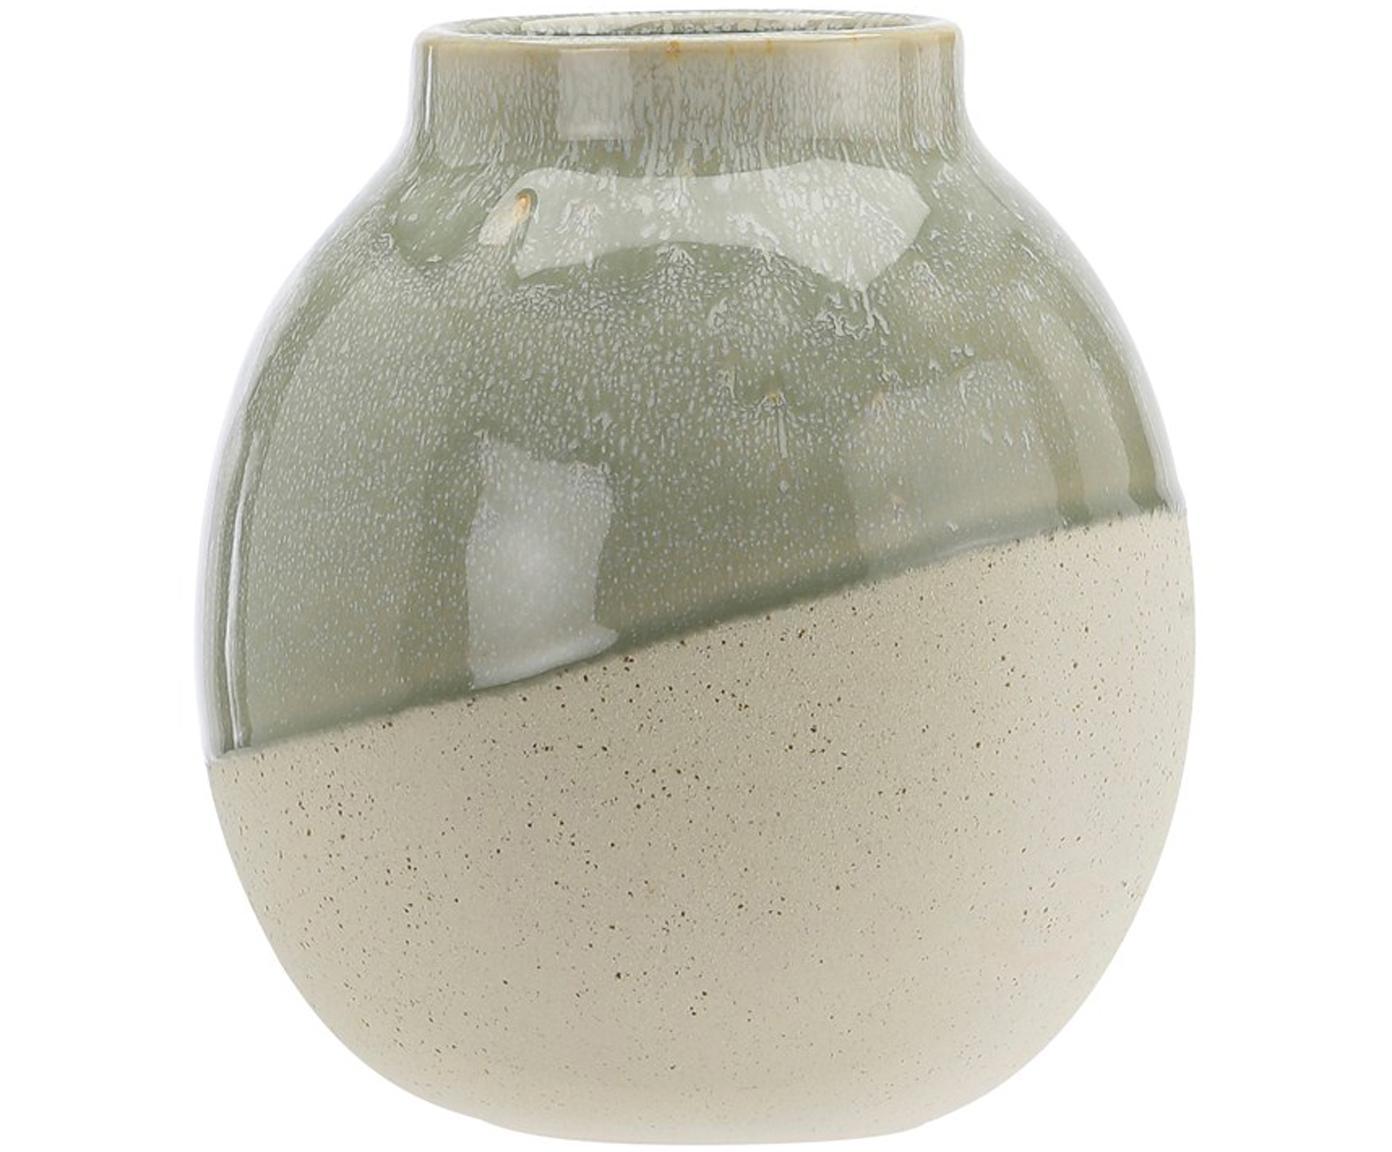 Vaas Skraa van keramiek, Keramiek, Groen, beige, Ø 18 x H 20 cm